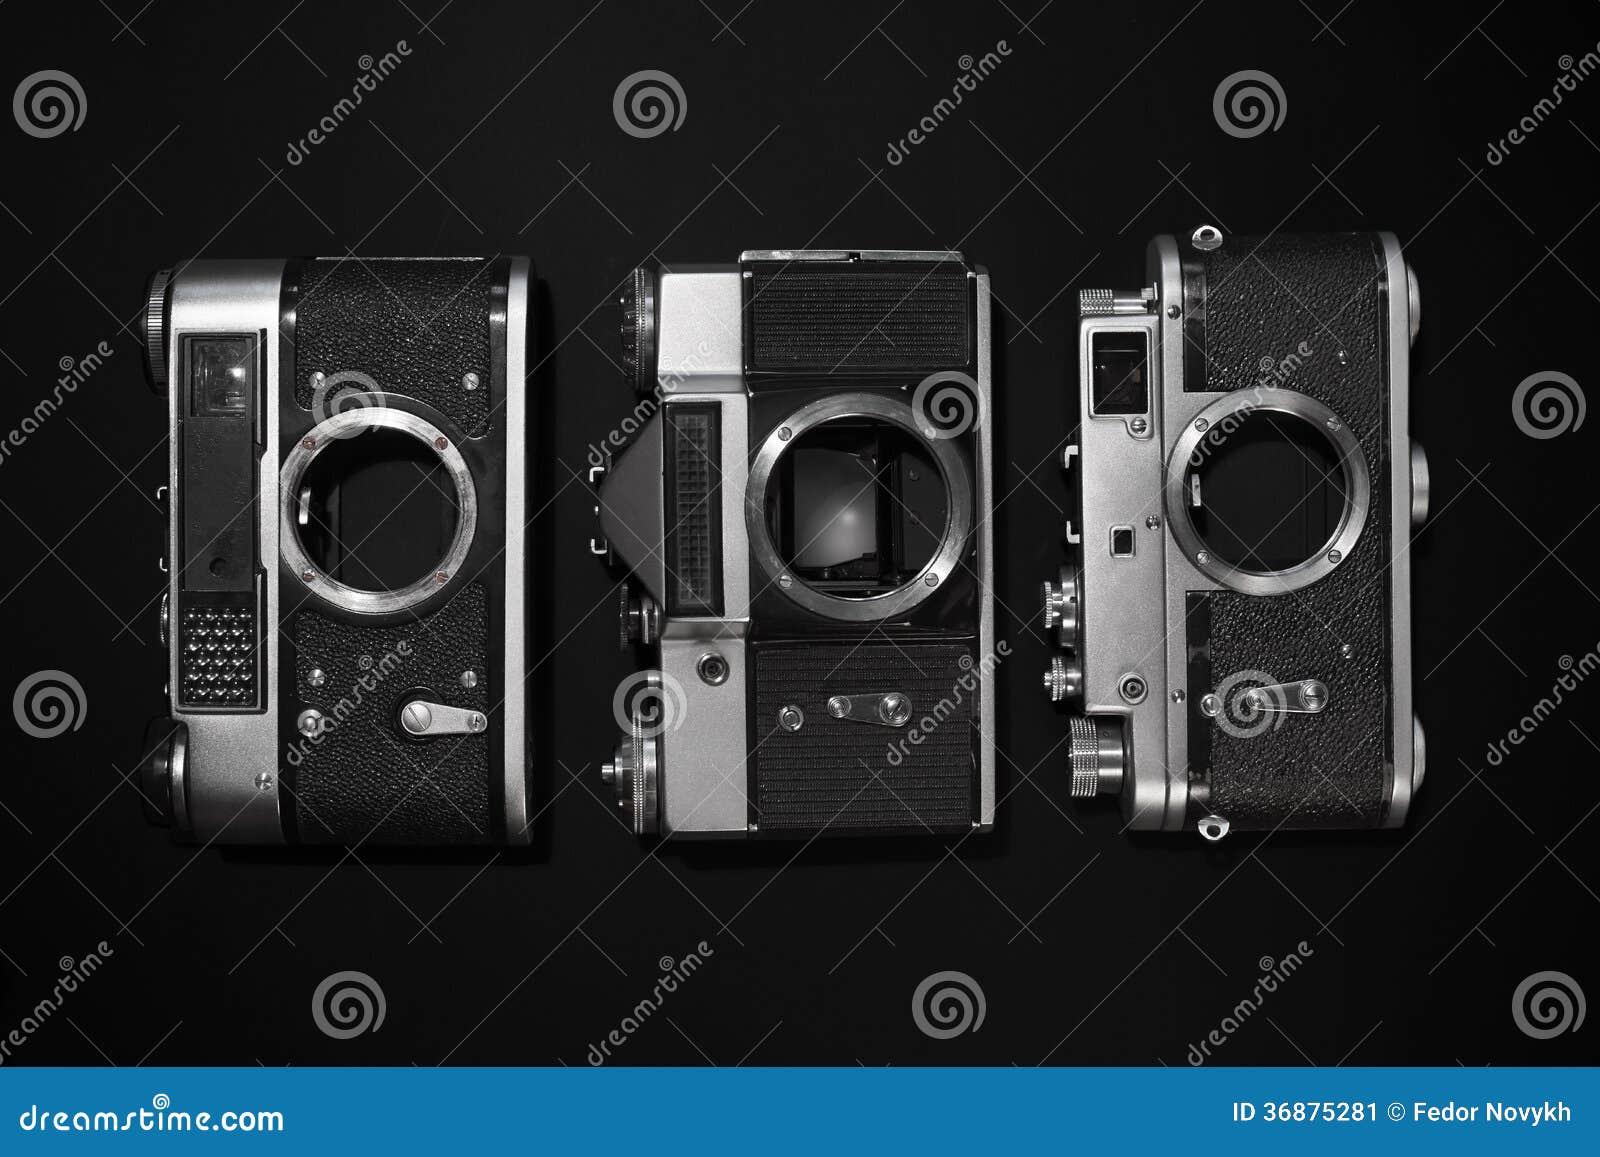 Download Retro Macchine Fotografiche Immagine Stock - Immagine di contrasto, pellicola: 36875281